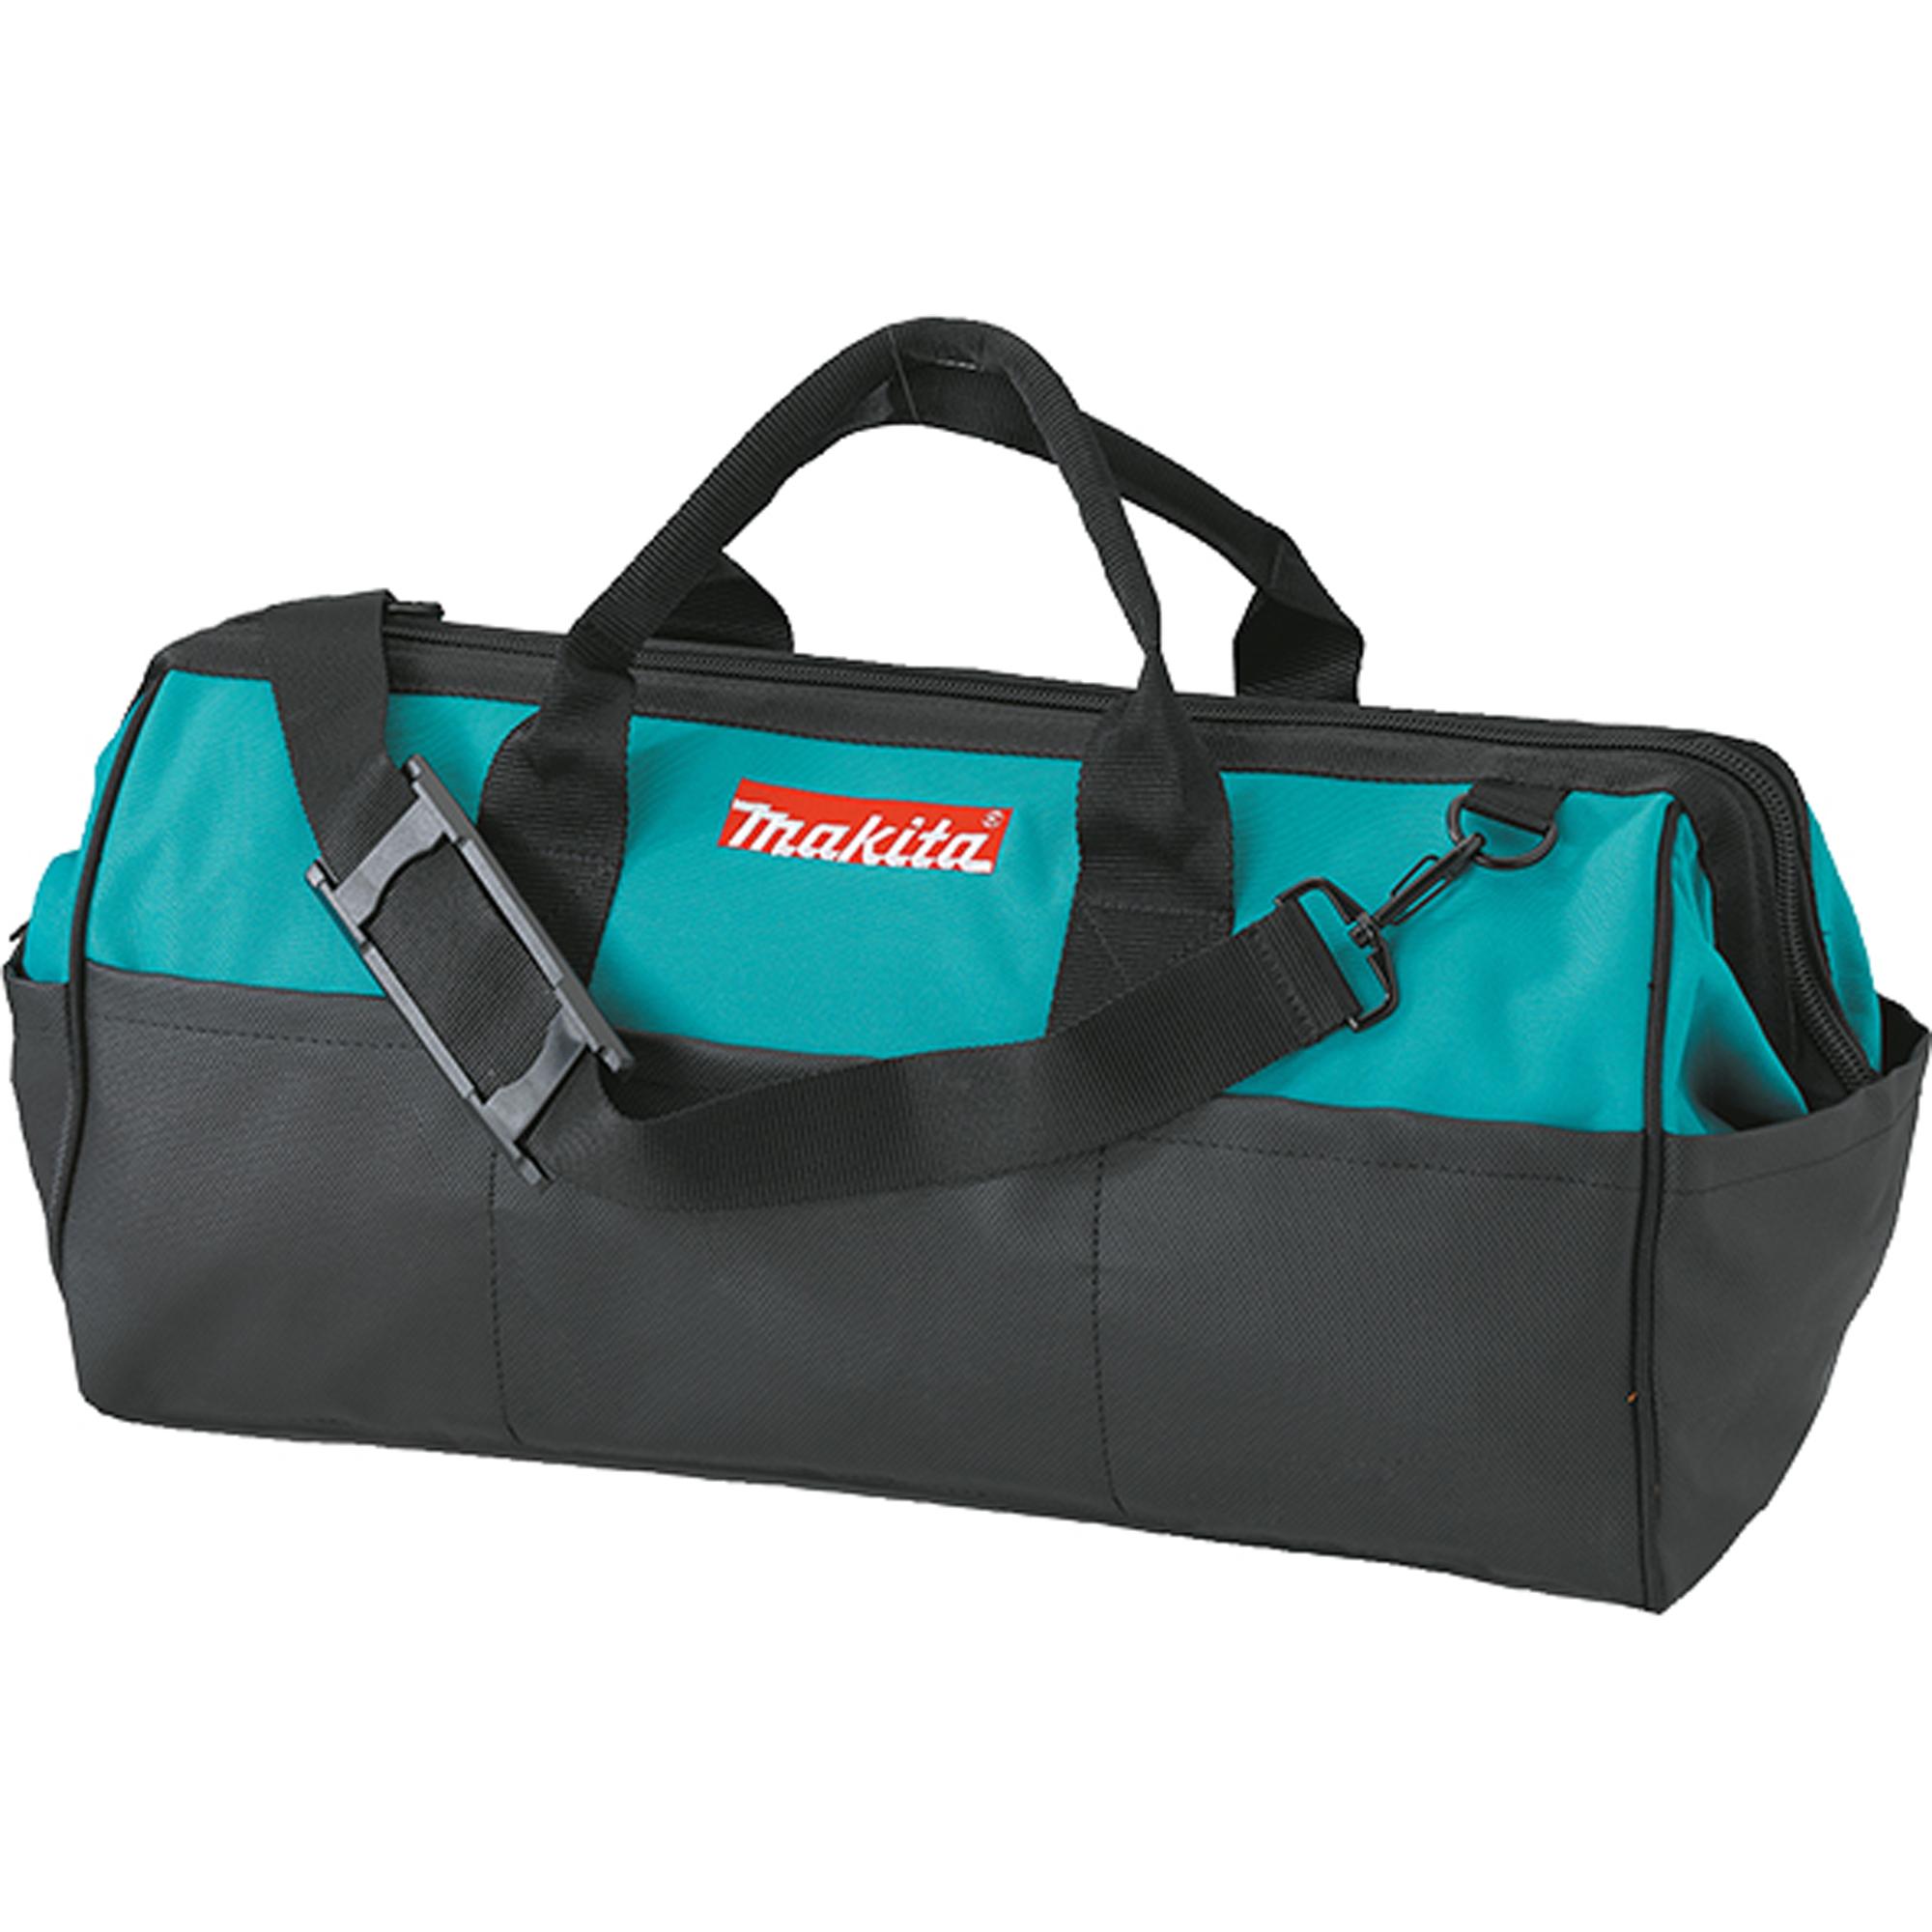 MAKITA torba za alat 5377MG, 53 x 30 x 30 cm